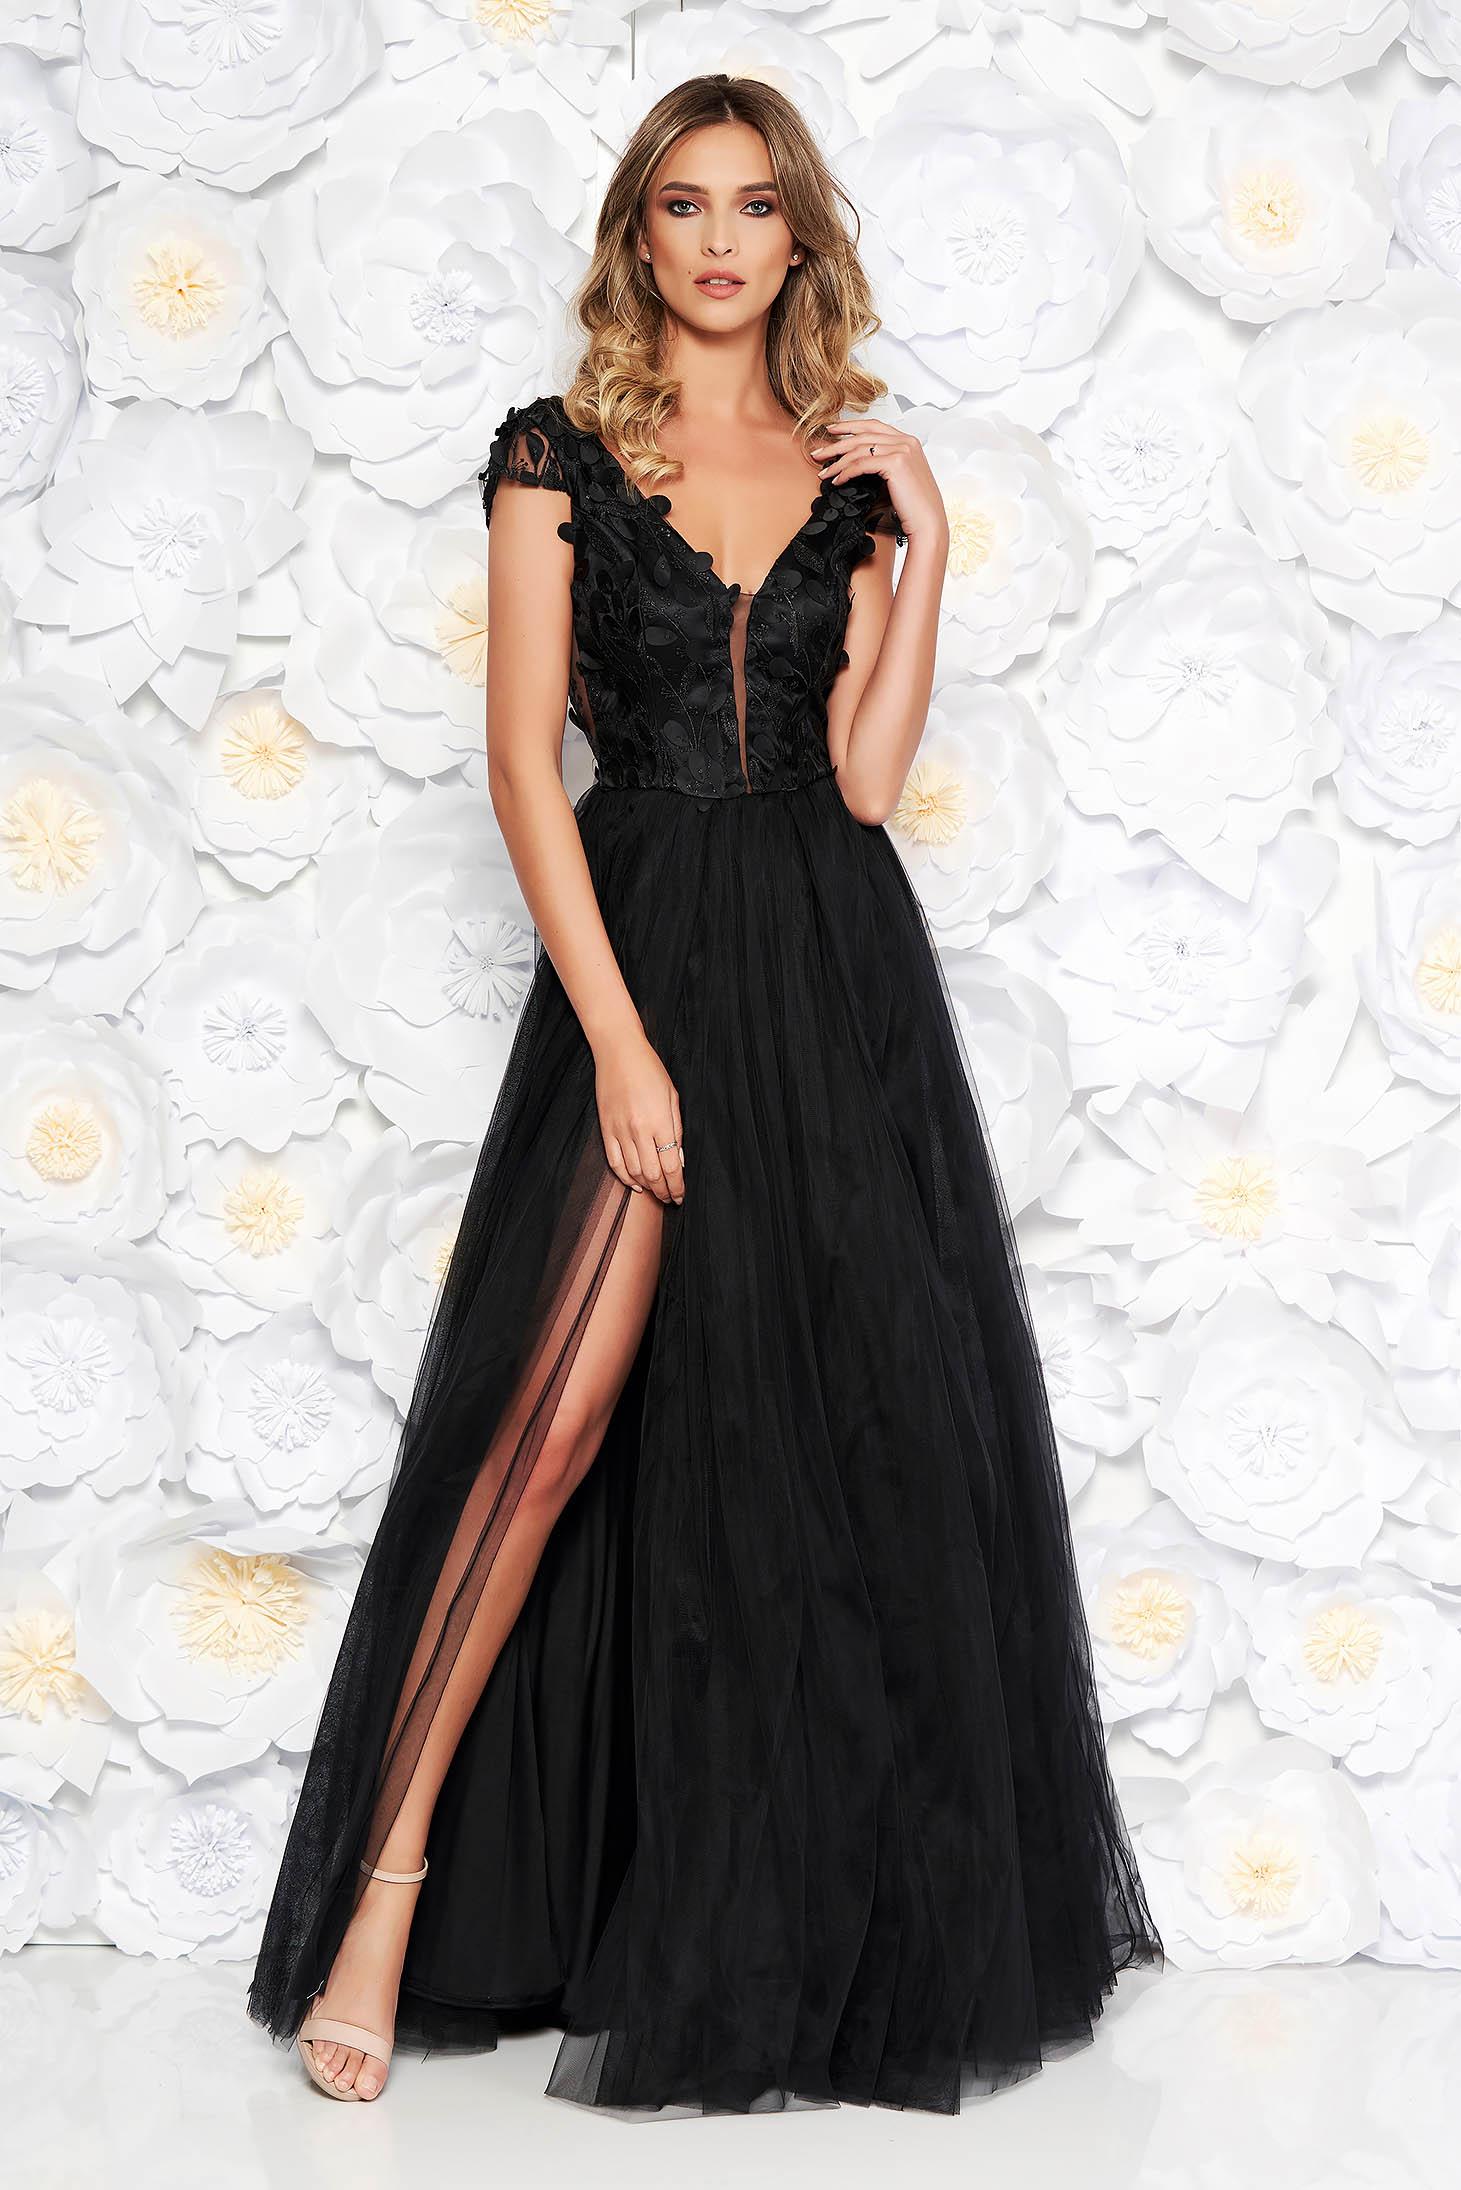 Fekete Artista alkalmi tüll harang ruha csipkés anyagból szivacsos mellrész 3d effekt virágos díszek